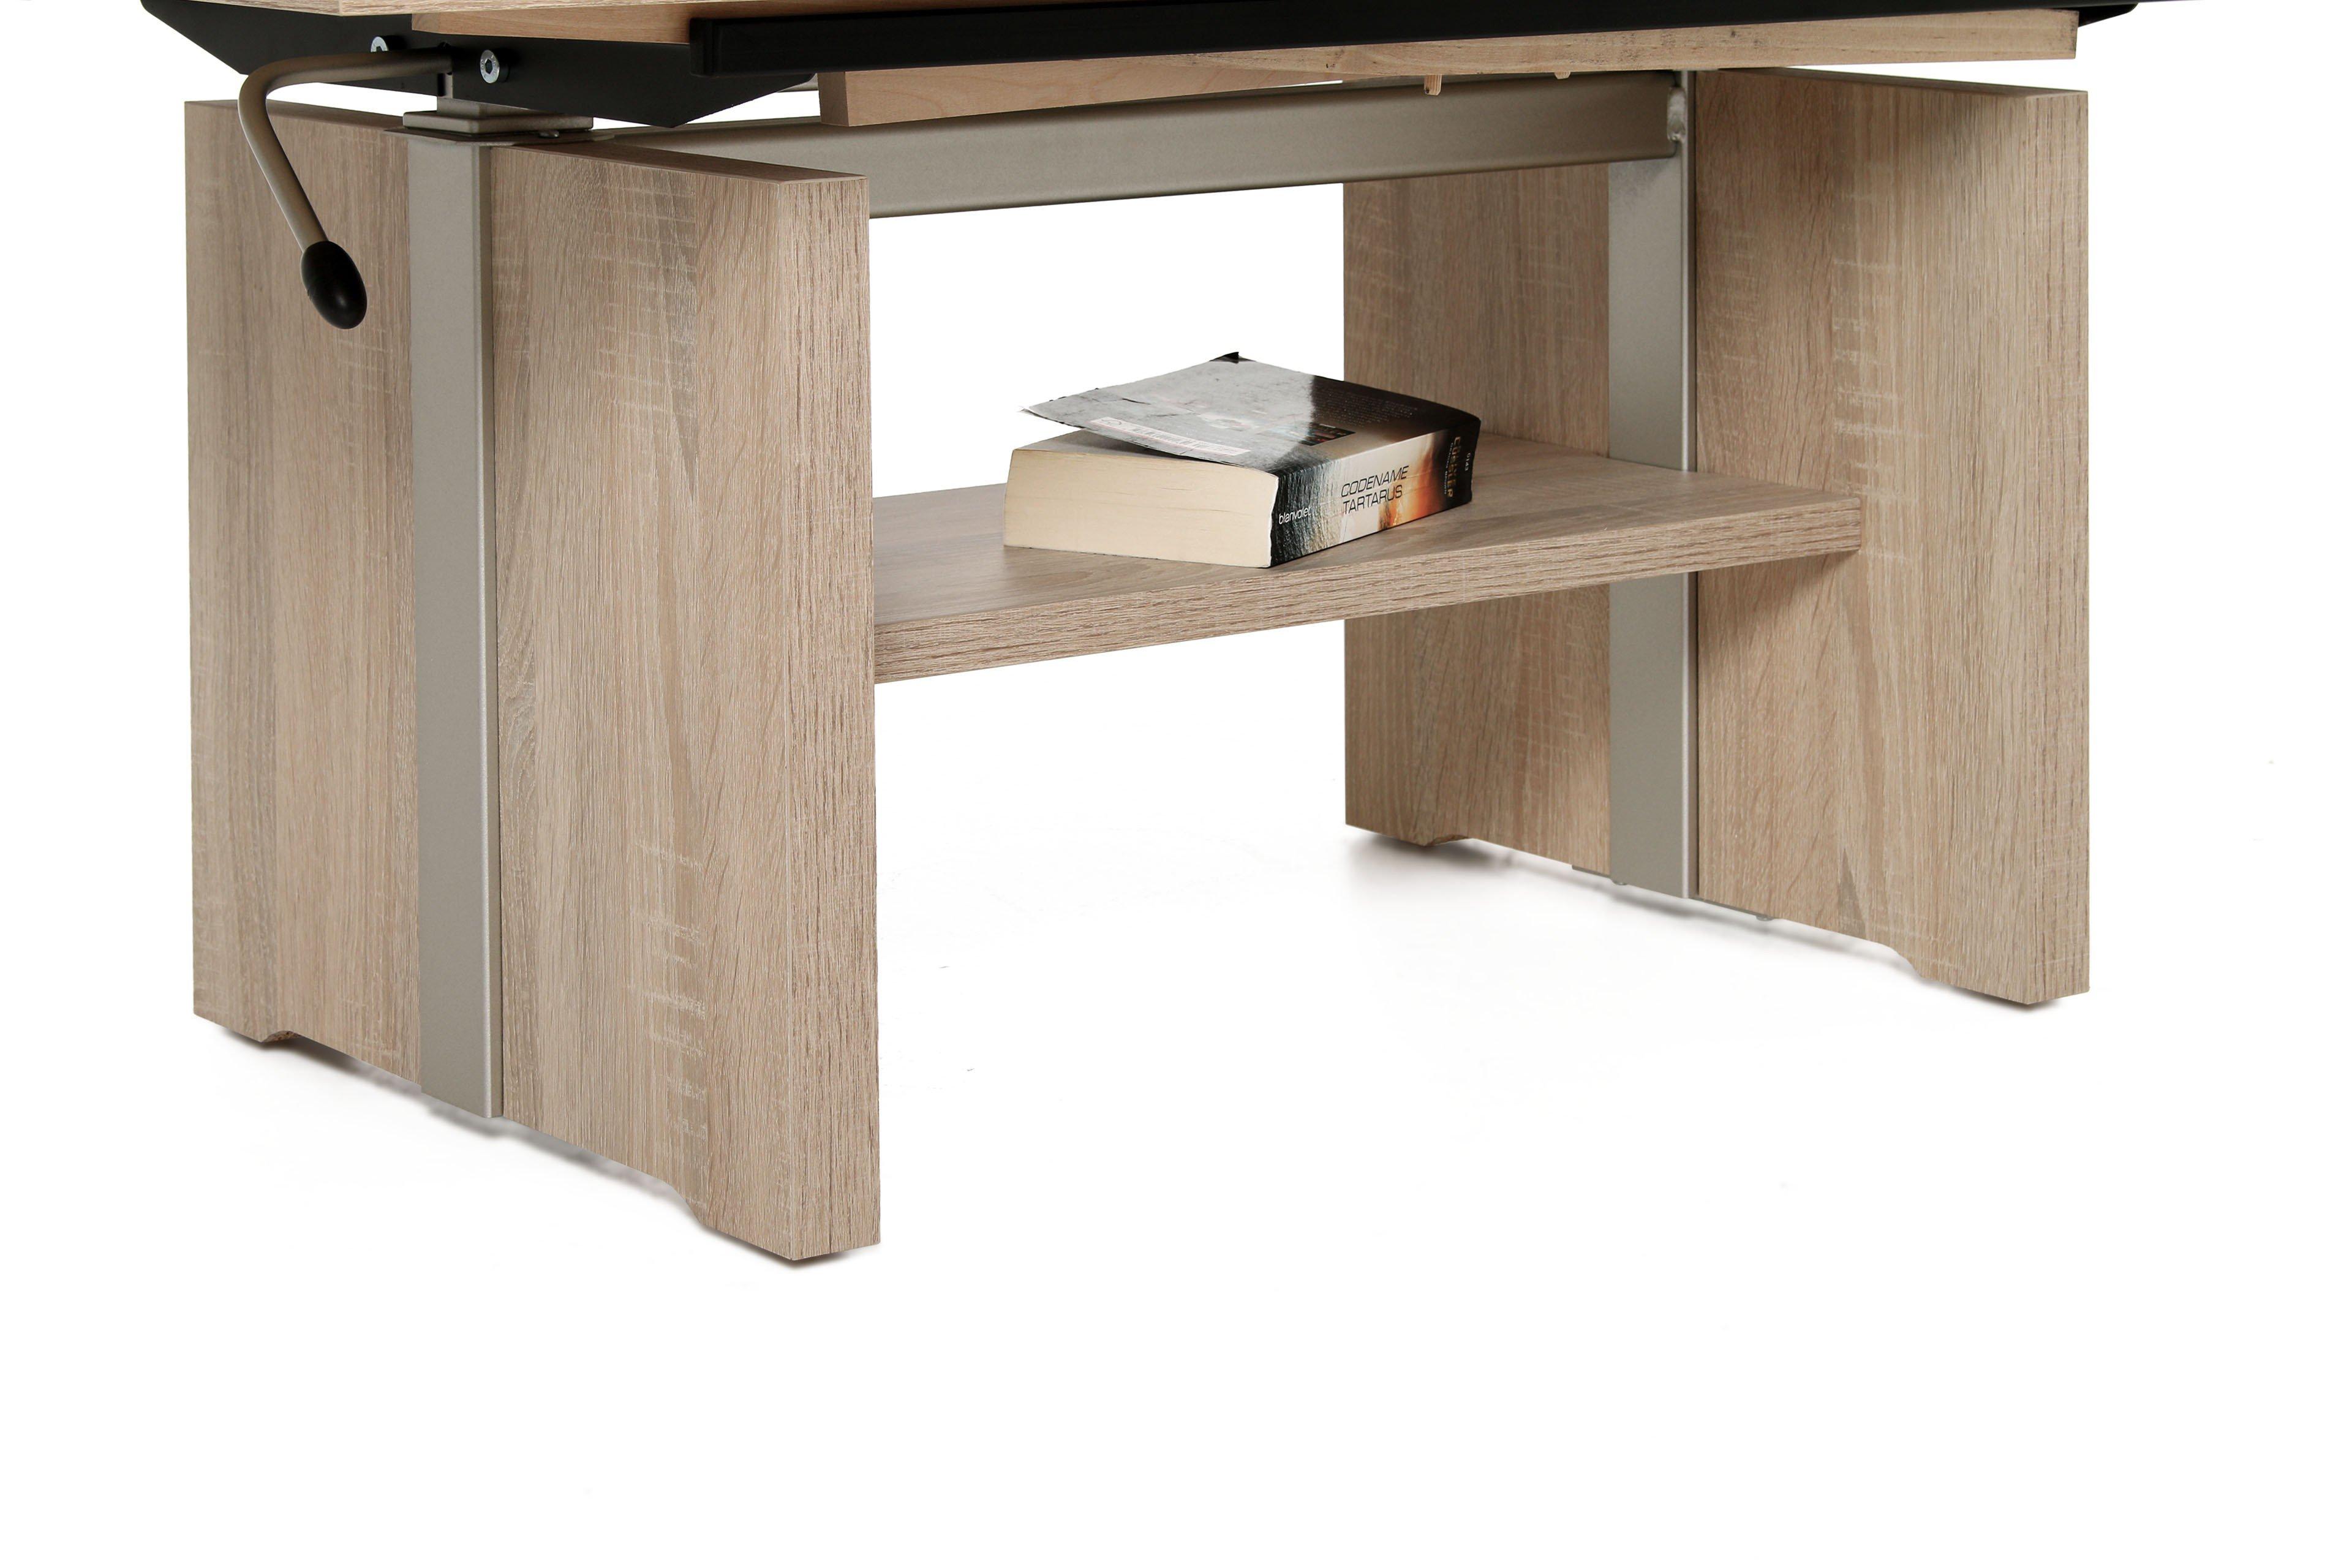 vierhaus couchtisch v 7299 esp m bel letz ihr online shop. Black Bedroom Furniture Sets. Home Design Ideas